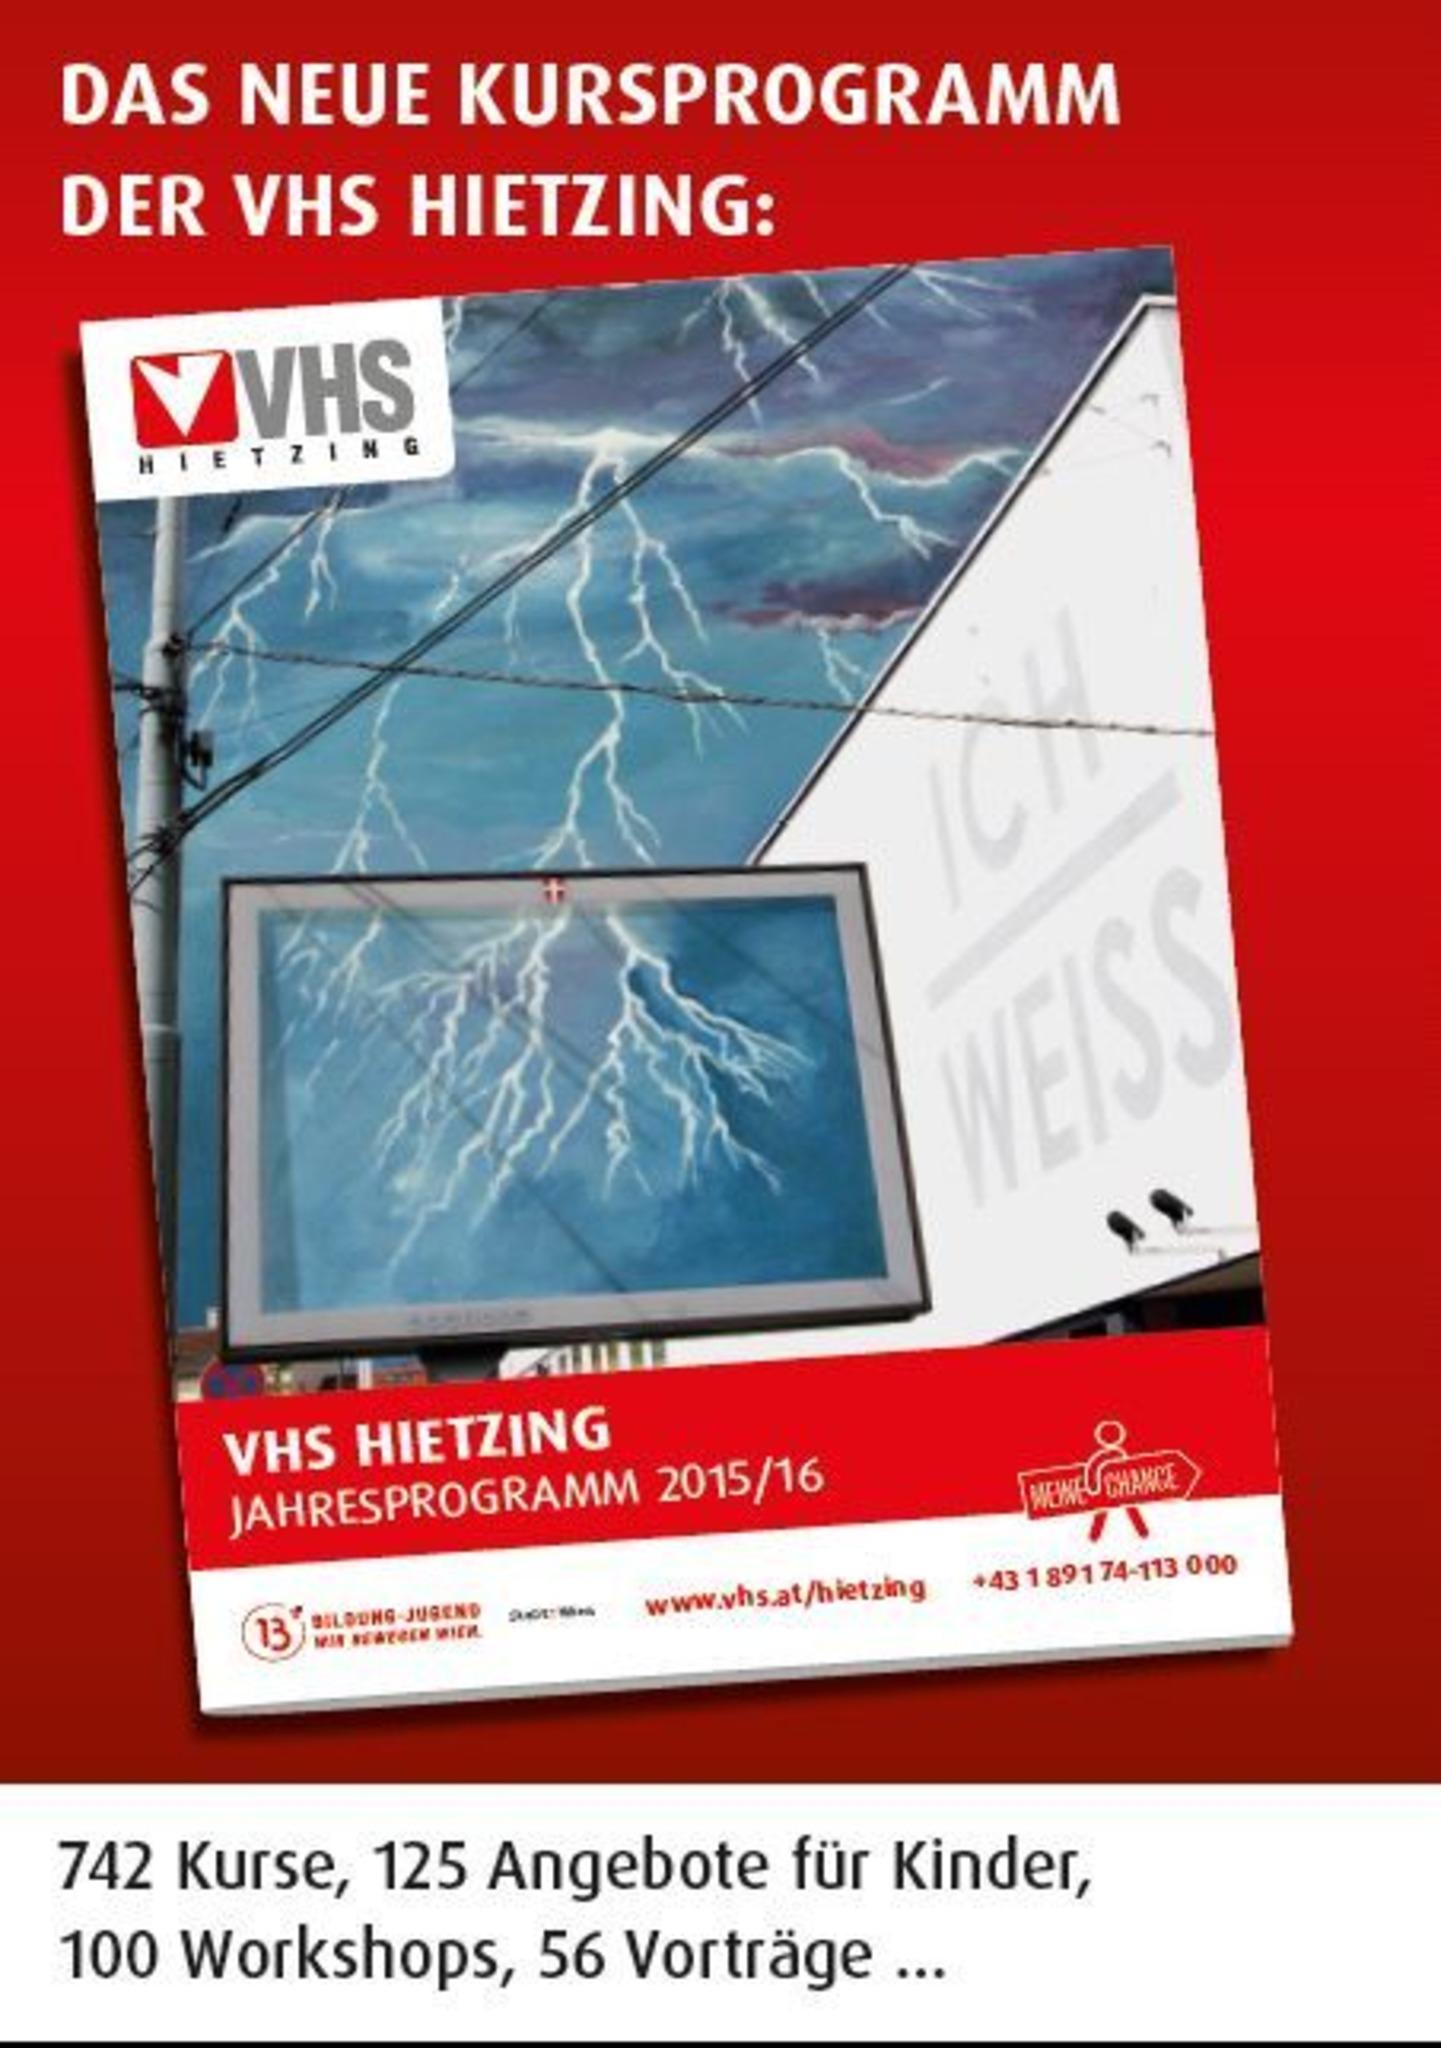 Kursprogramm VHS Hietzing - Die Wiener Volkshochschulen